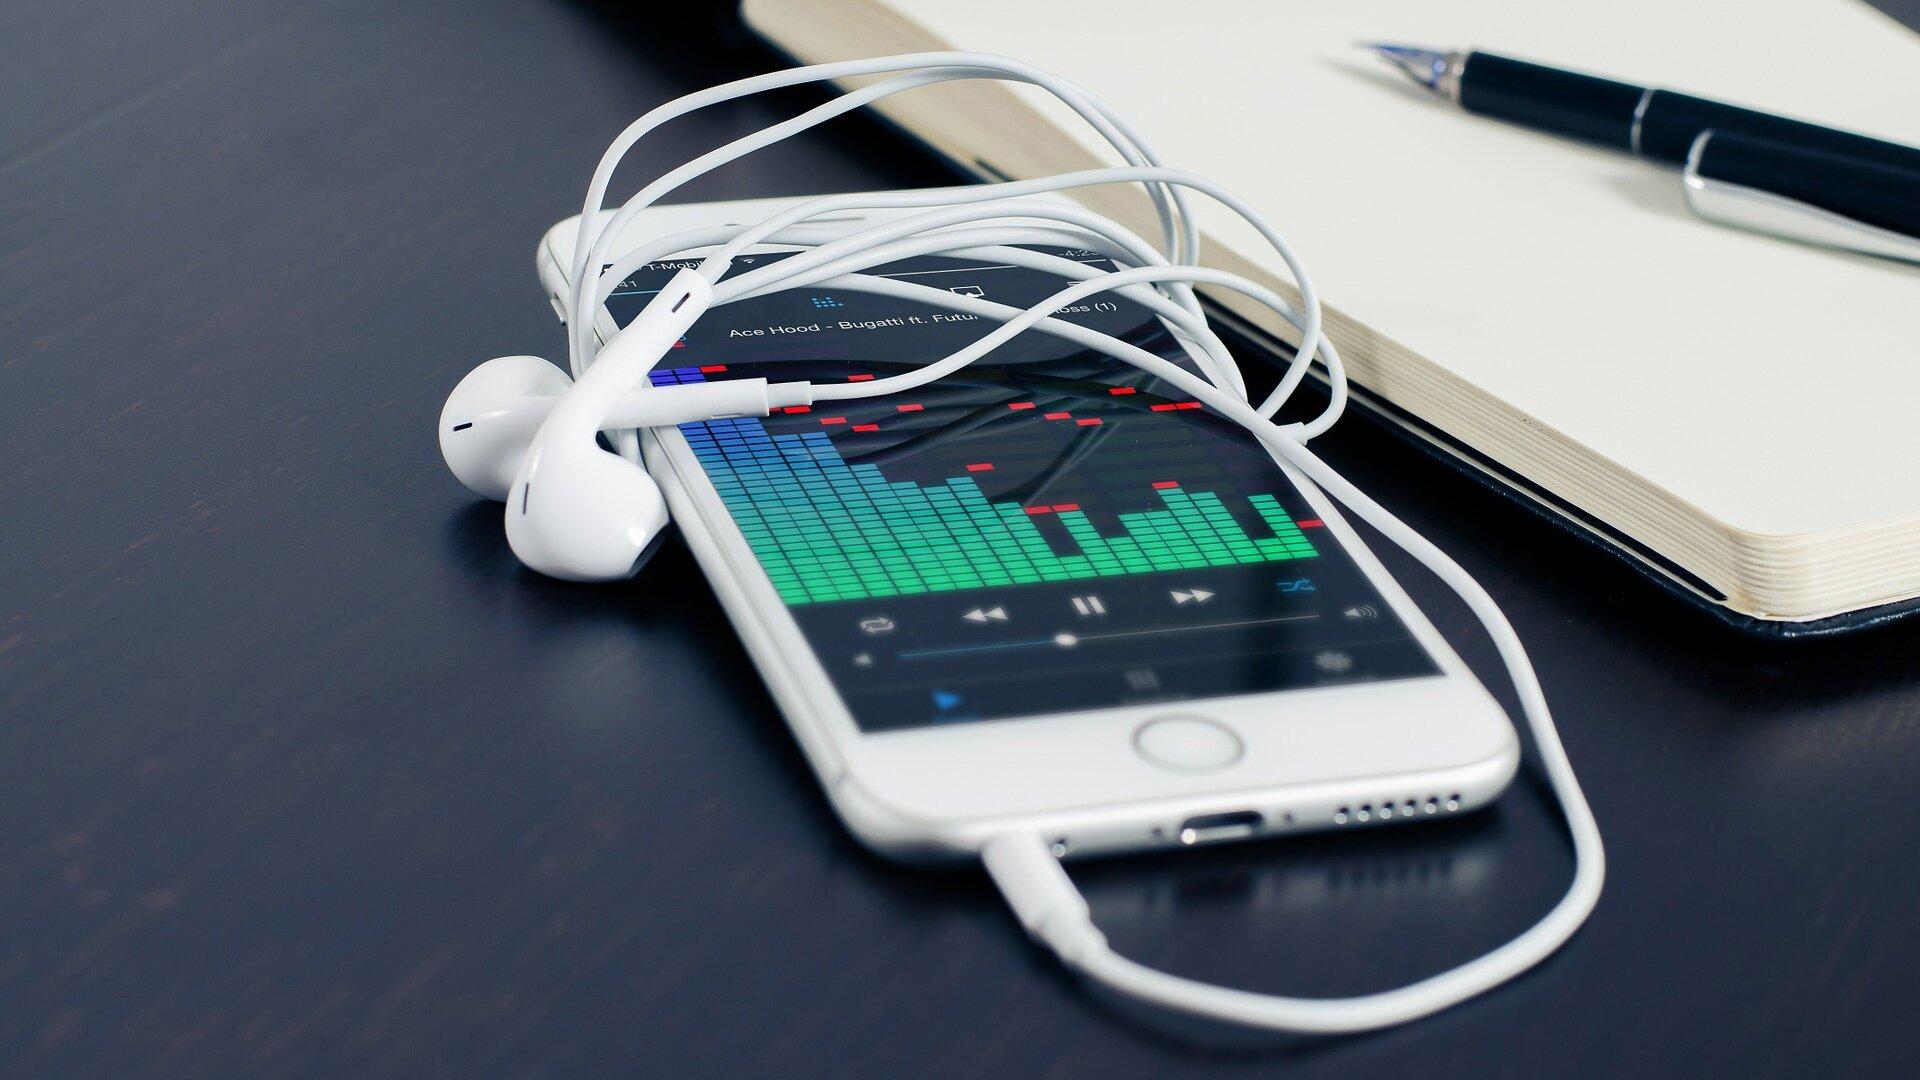 """Zdjęcie przedstawia leżący na niebieskiej gładkiej powierzchni włączony biały smartfon zpodłączonymi białymi słuchawkami. Na ekranie smartfona widać graficzne zobrazowanie odtwarzanego pliku dźwiękowego, co można uznać za przykład graficznego symbolu technologicznego. Poniżej są przedstawione klawisze odtwarzacza: """"przewiń do tyłu"""", """"pauza"""", """"przewiń do przodu"""". Wprawym górnym rogu zdjęcia widoczny jest fragment notesu zleżącym na nim długopisem."""